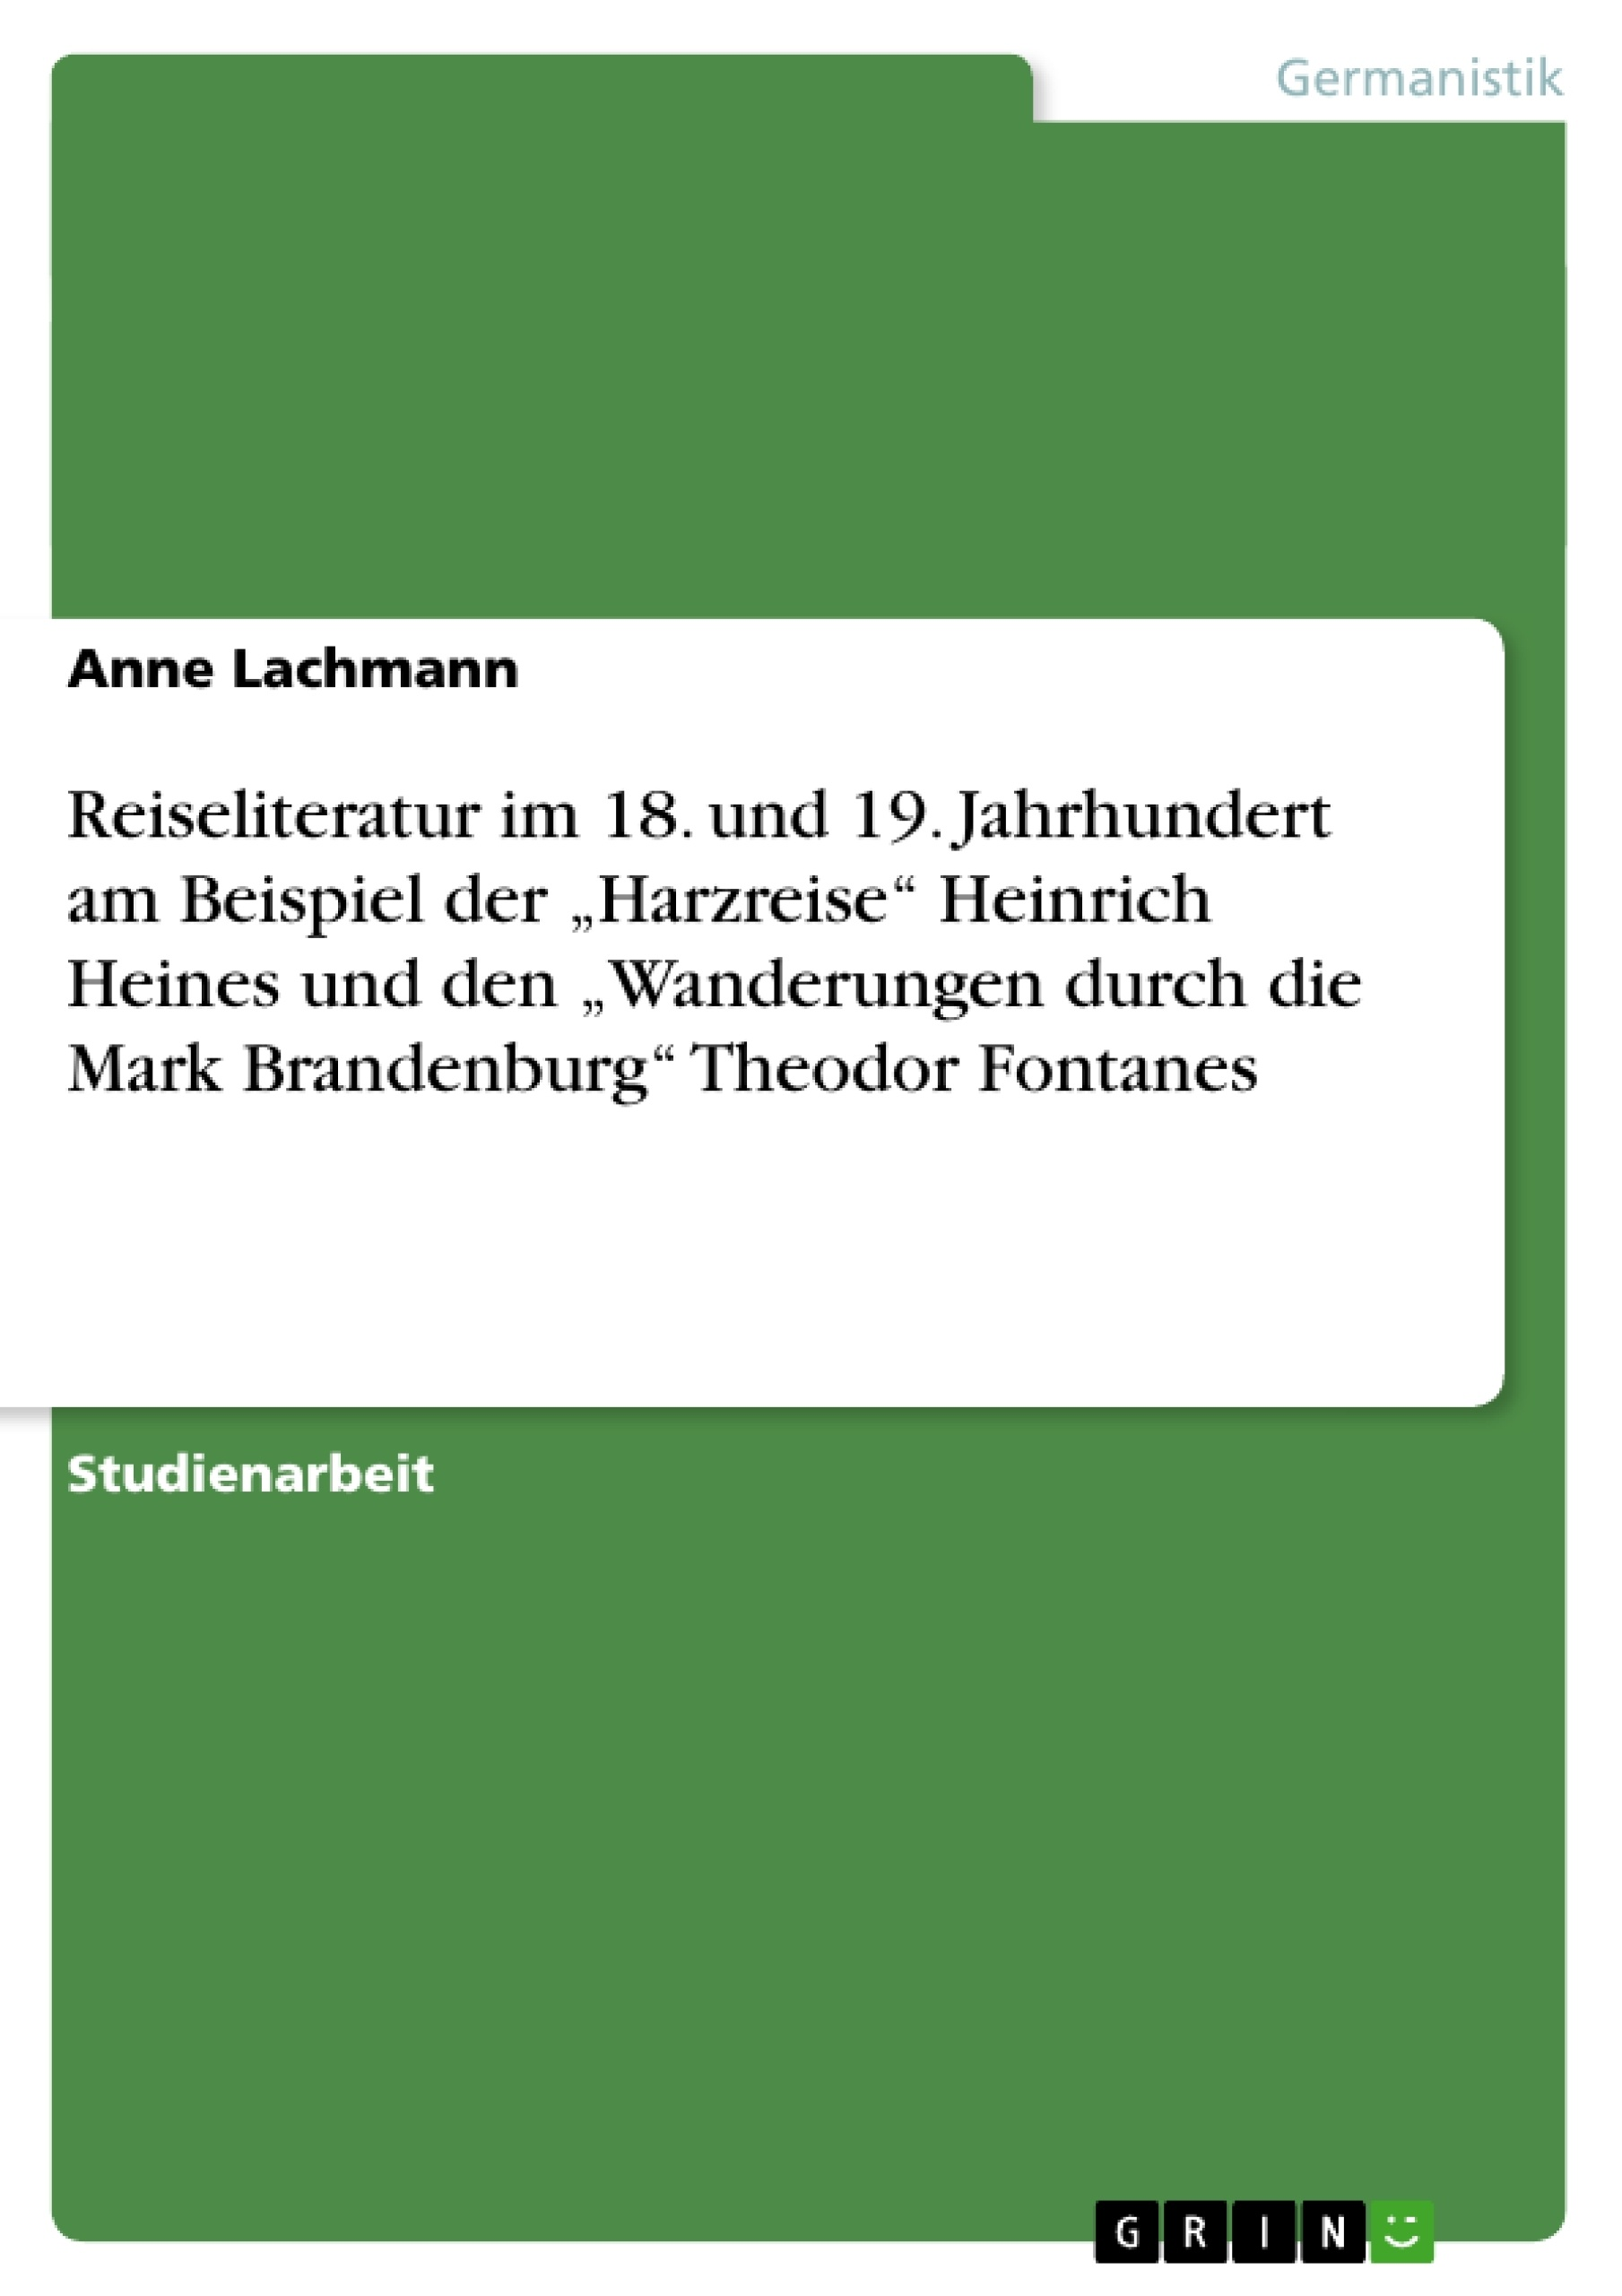 """Titel: Reiseliteratur im 18. und 19. Jahrhundert am Beispiel der """"Harzreise"""" Heinrich Heines und den """"Wanderungen durch die Mark Brandenburg"""" Theodor Fontanes"""